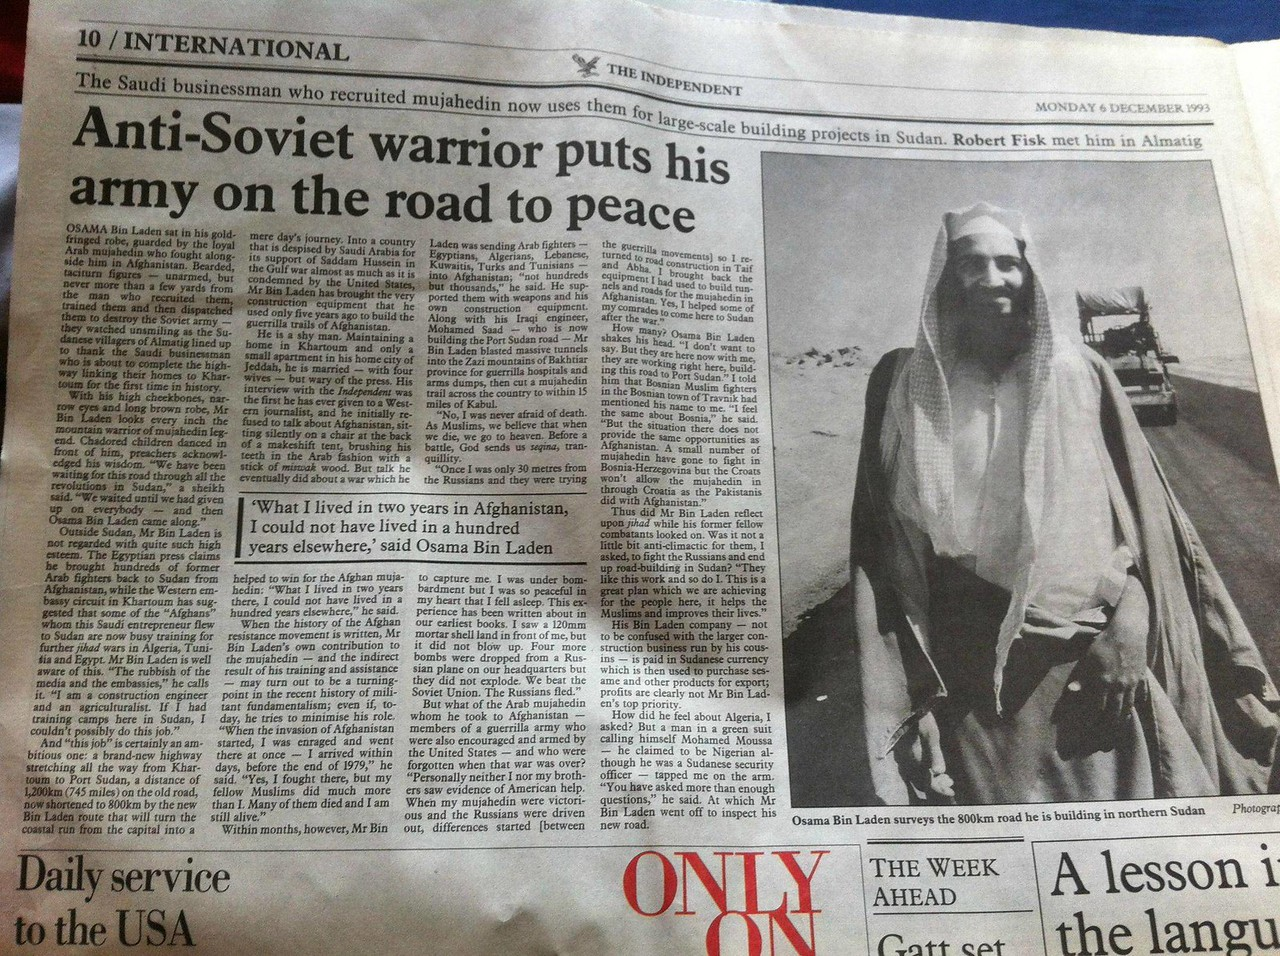 When Osama was 'Mr Bin Laden.'